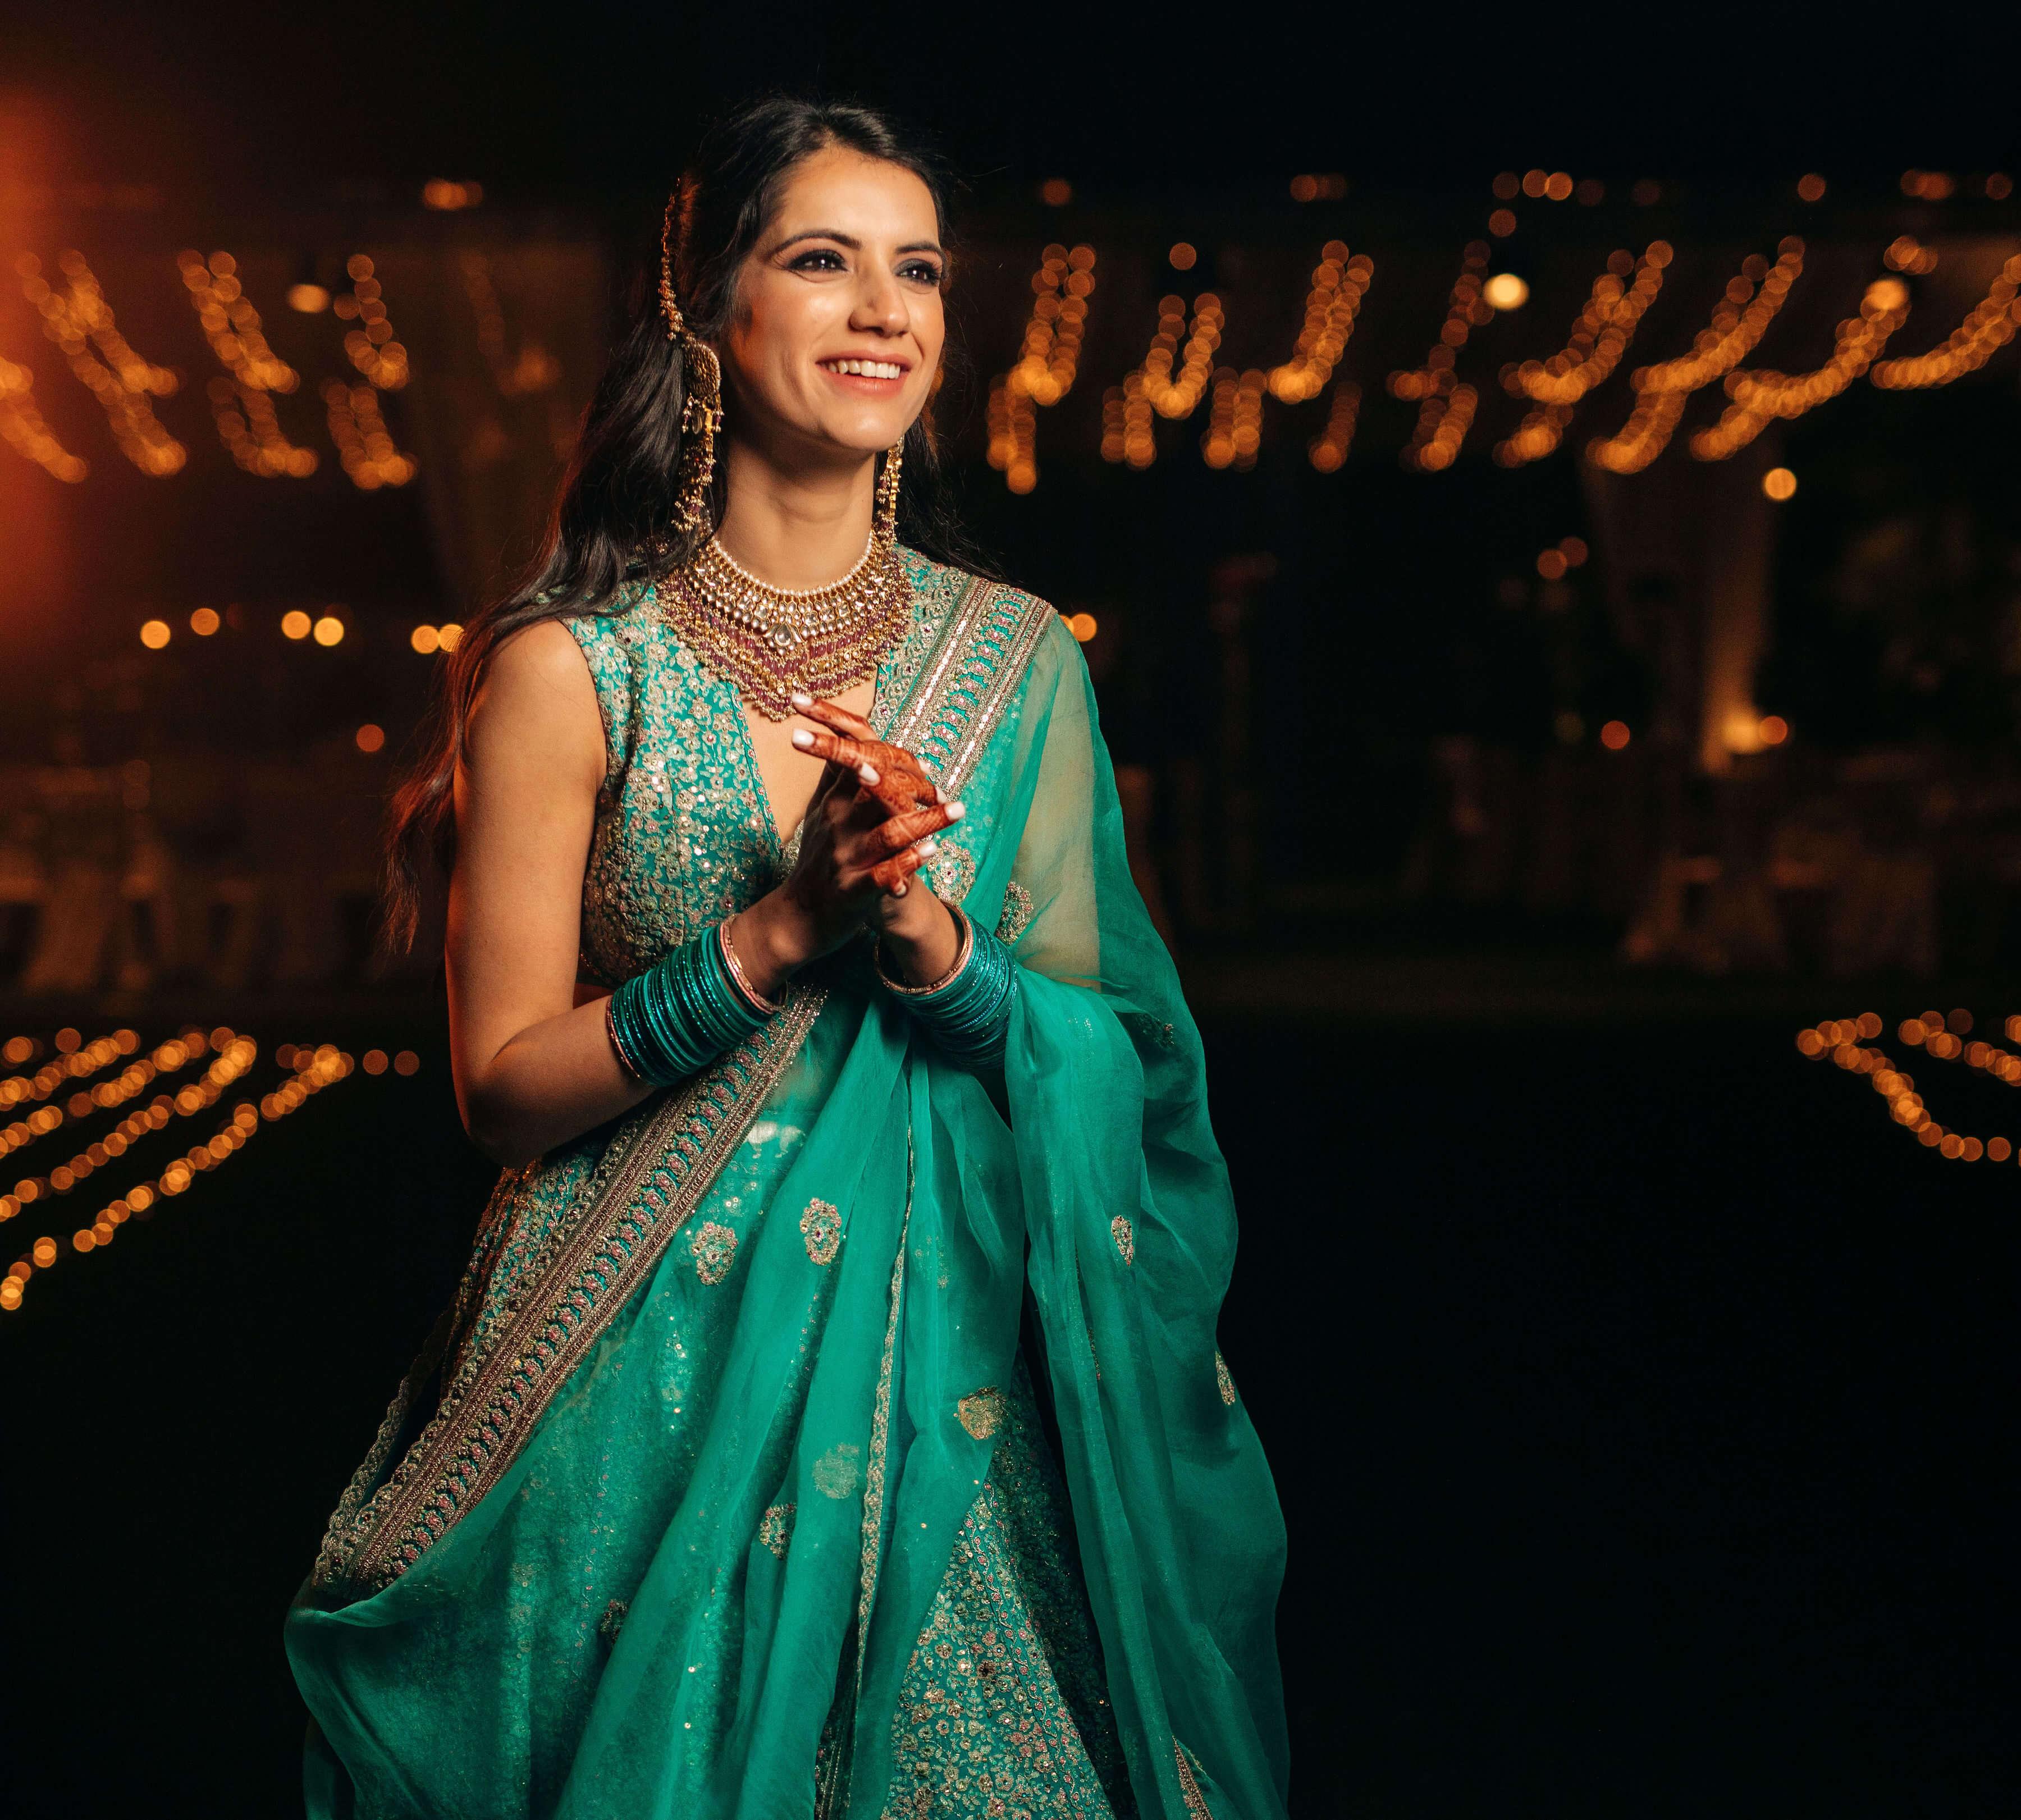 smiling bridal shot